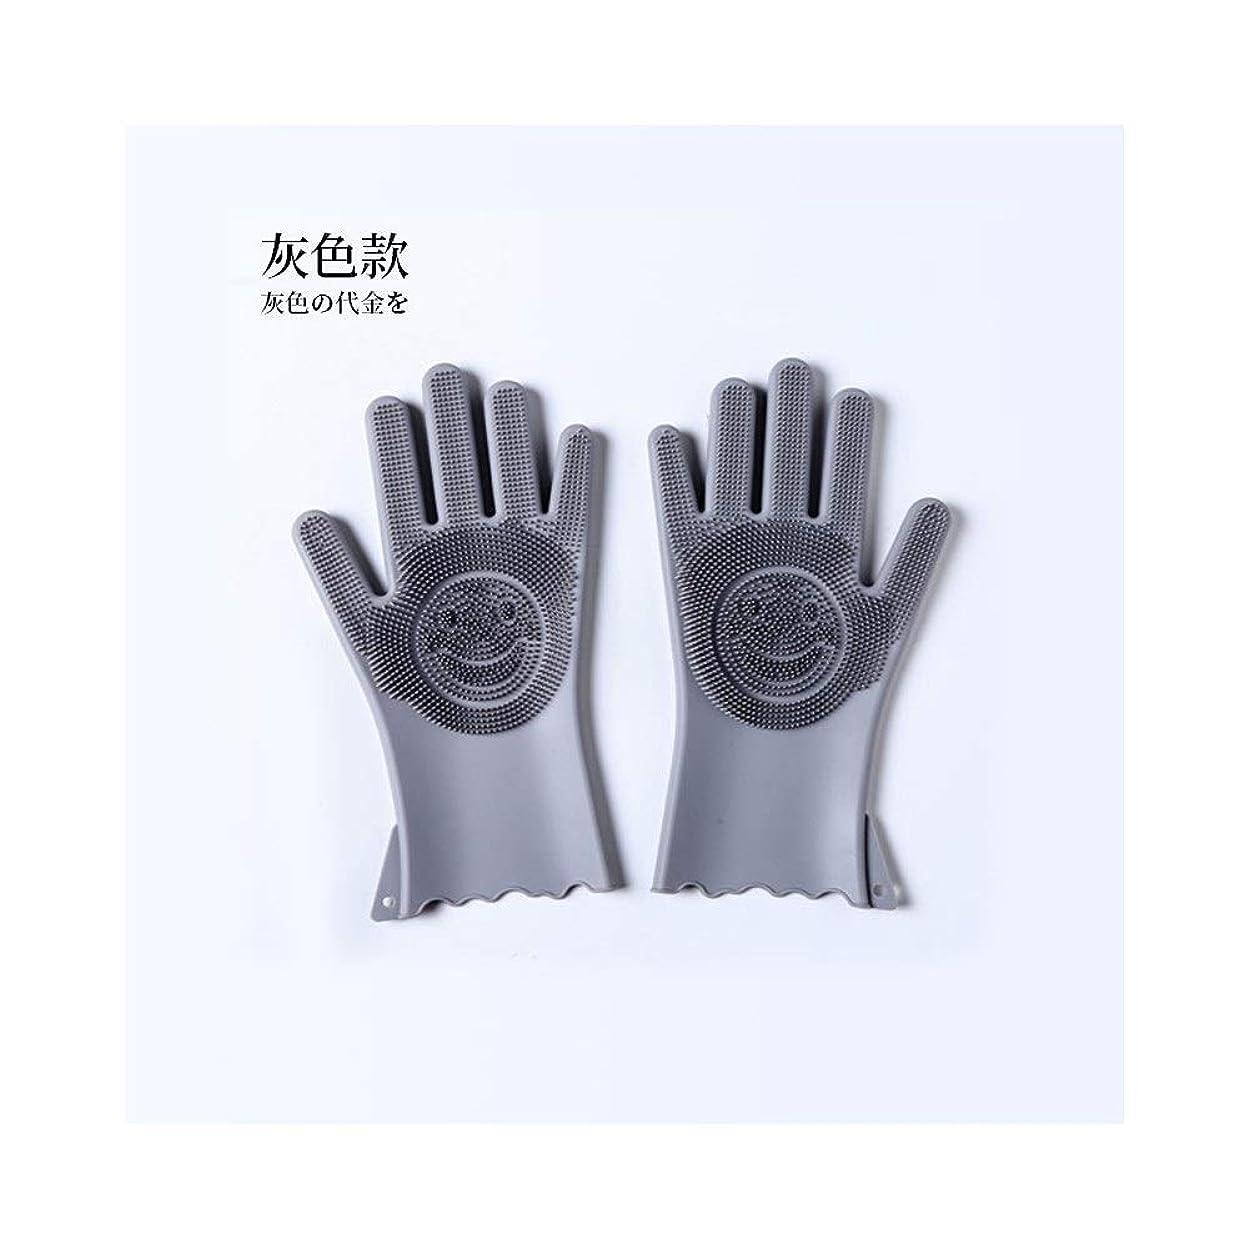 食品セッティングブランドニトリルゴム手袋 作業用手袋防水厚くて丈夫なシリコーン多機能キッチン家庭用手袋 使い捨て手袋 (Color : Gray, Size : M)